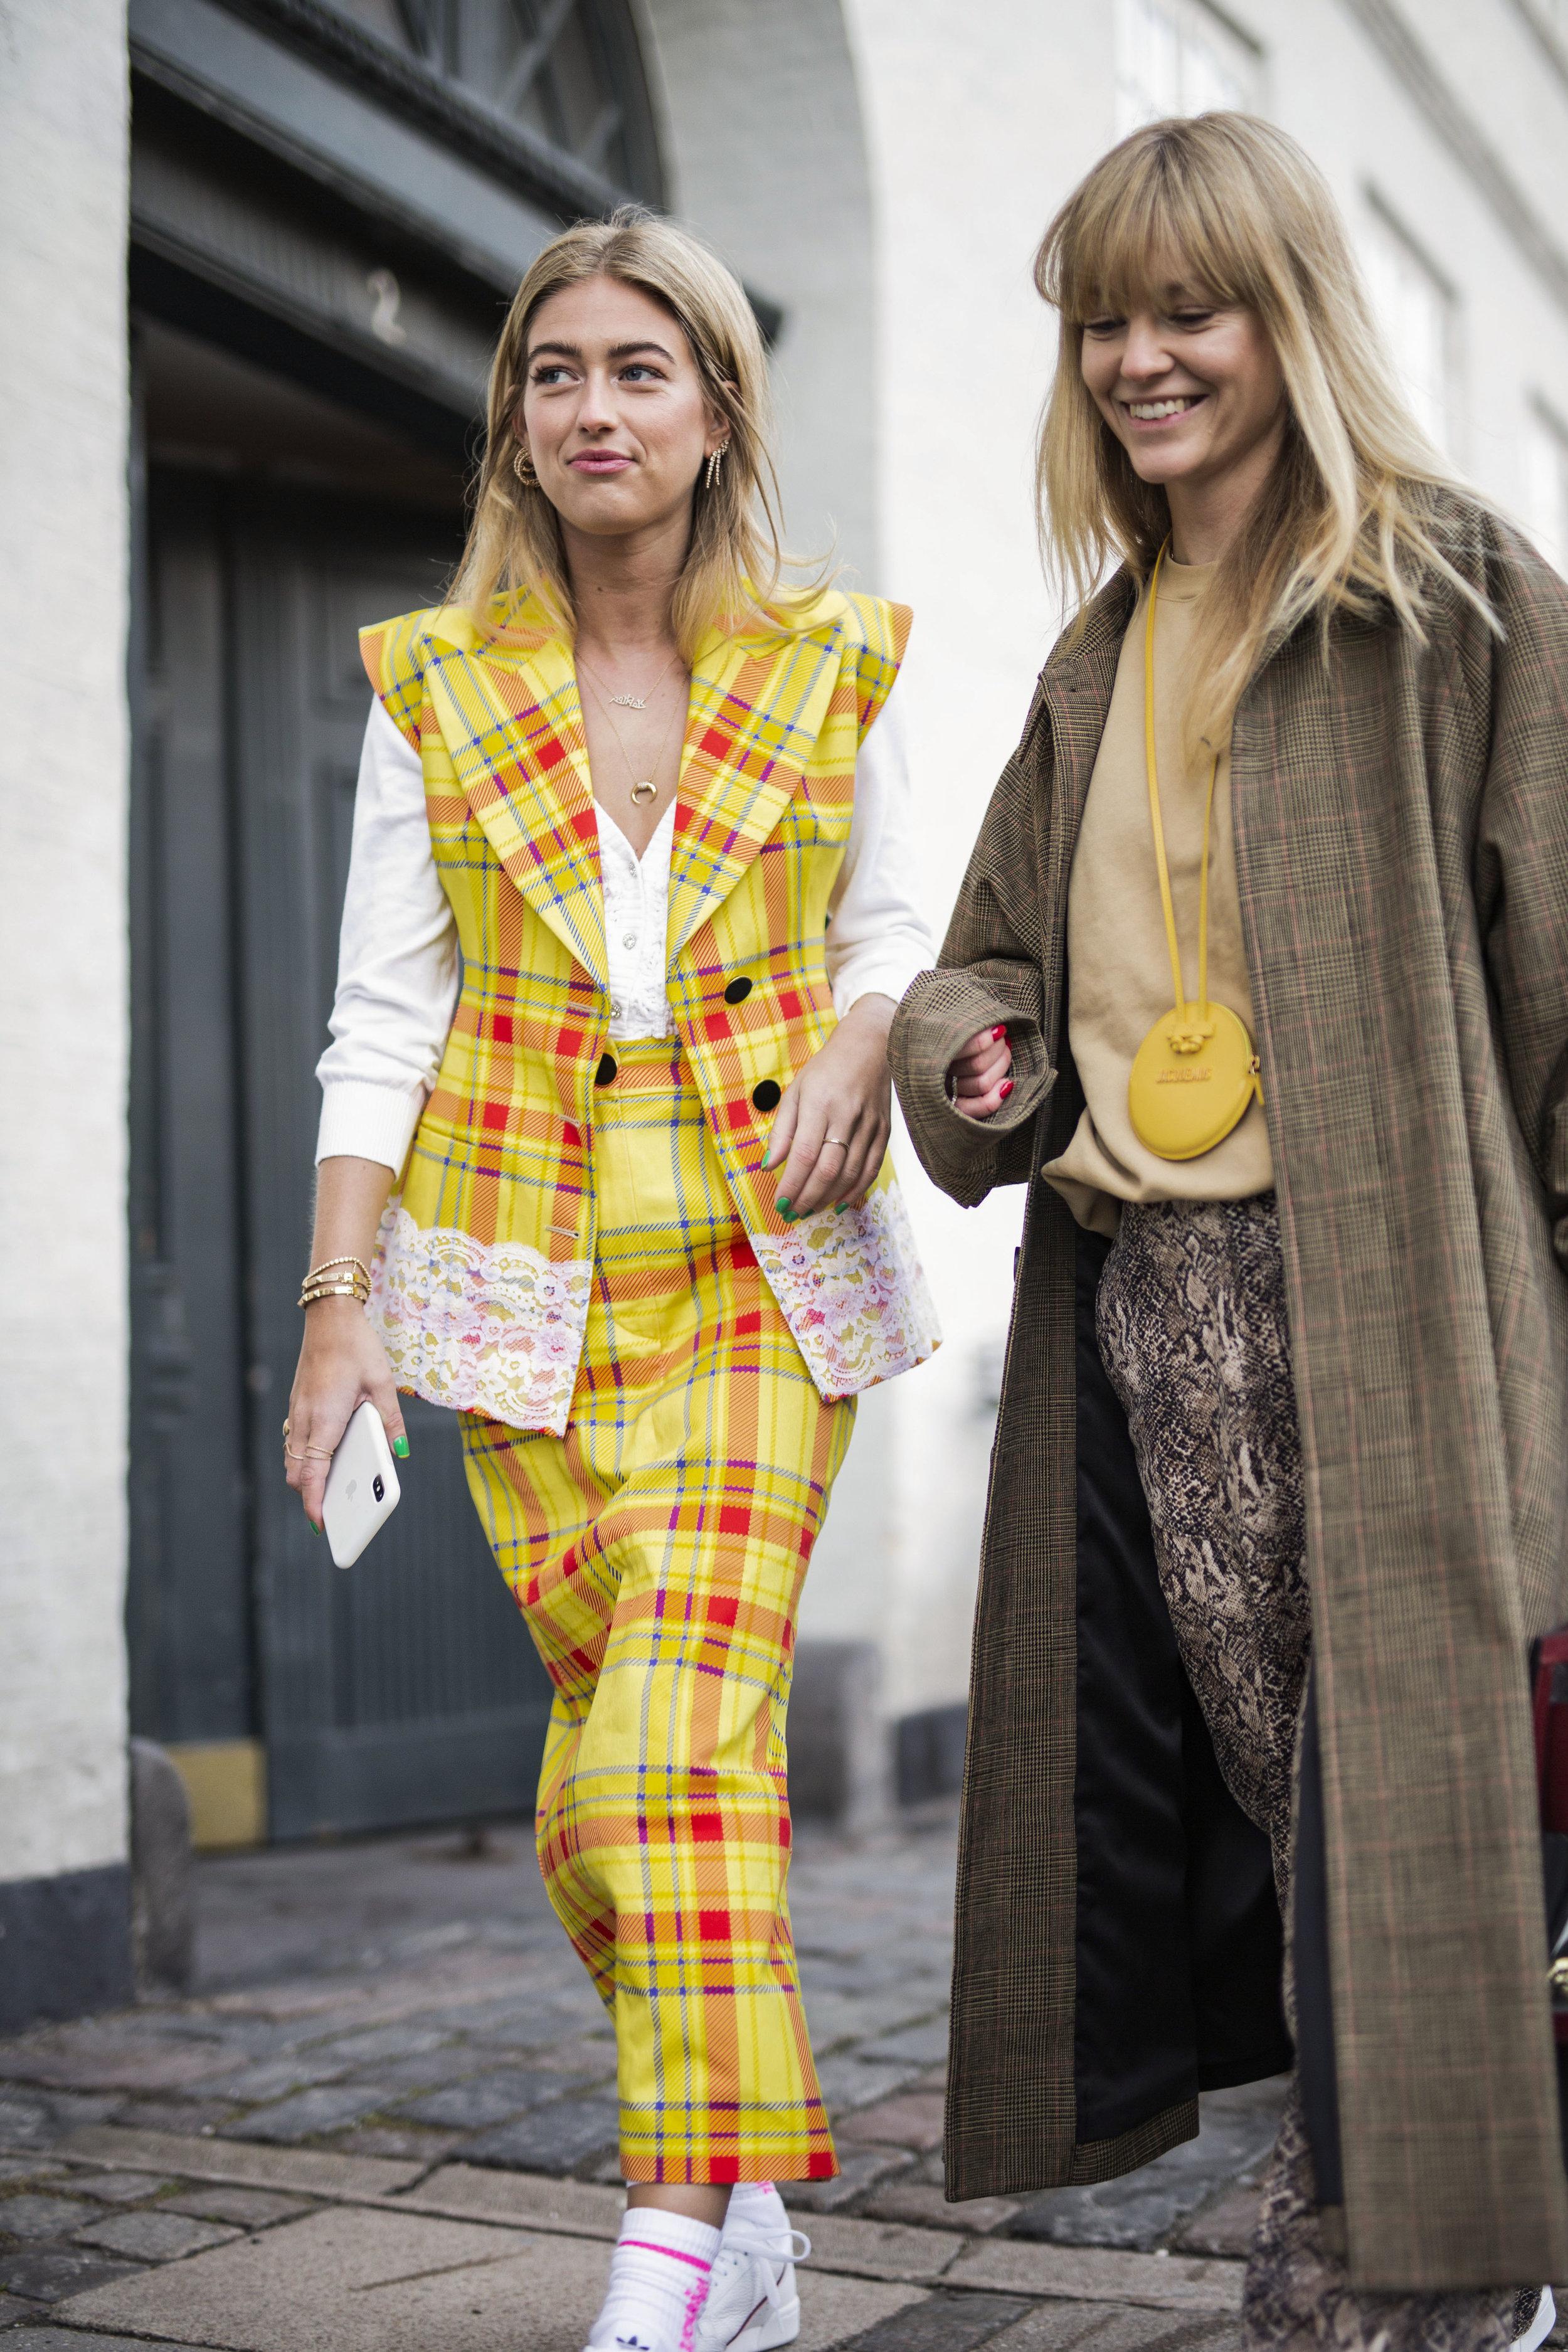 Streetstyle-Copenhagen-Fashion-Week-The-Streetland-Jeanette-Madsen-Emili-Sindlev-14.jpg